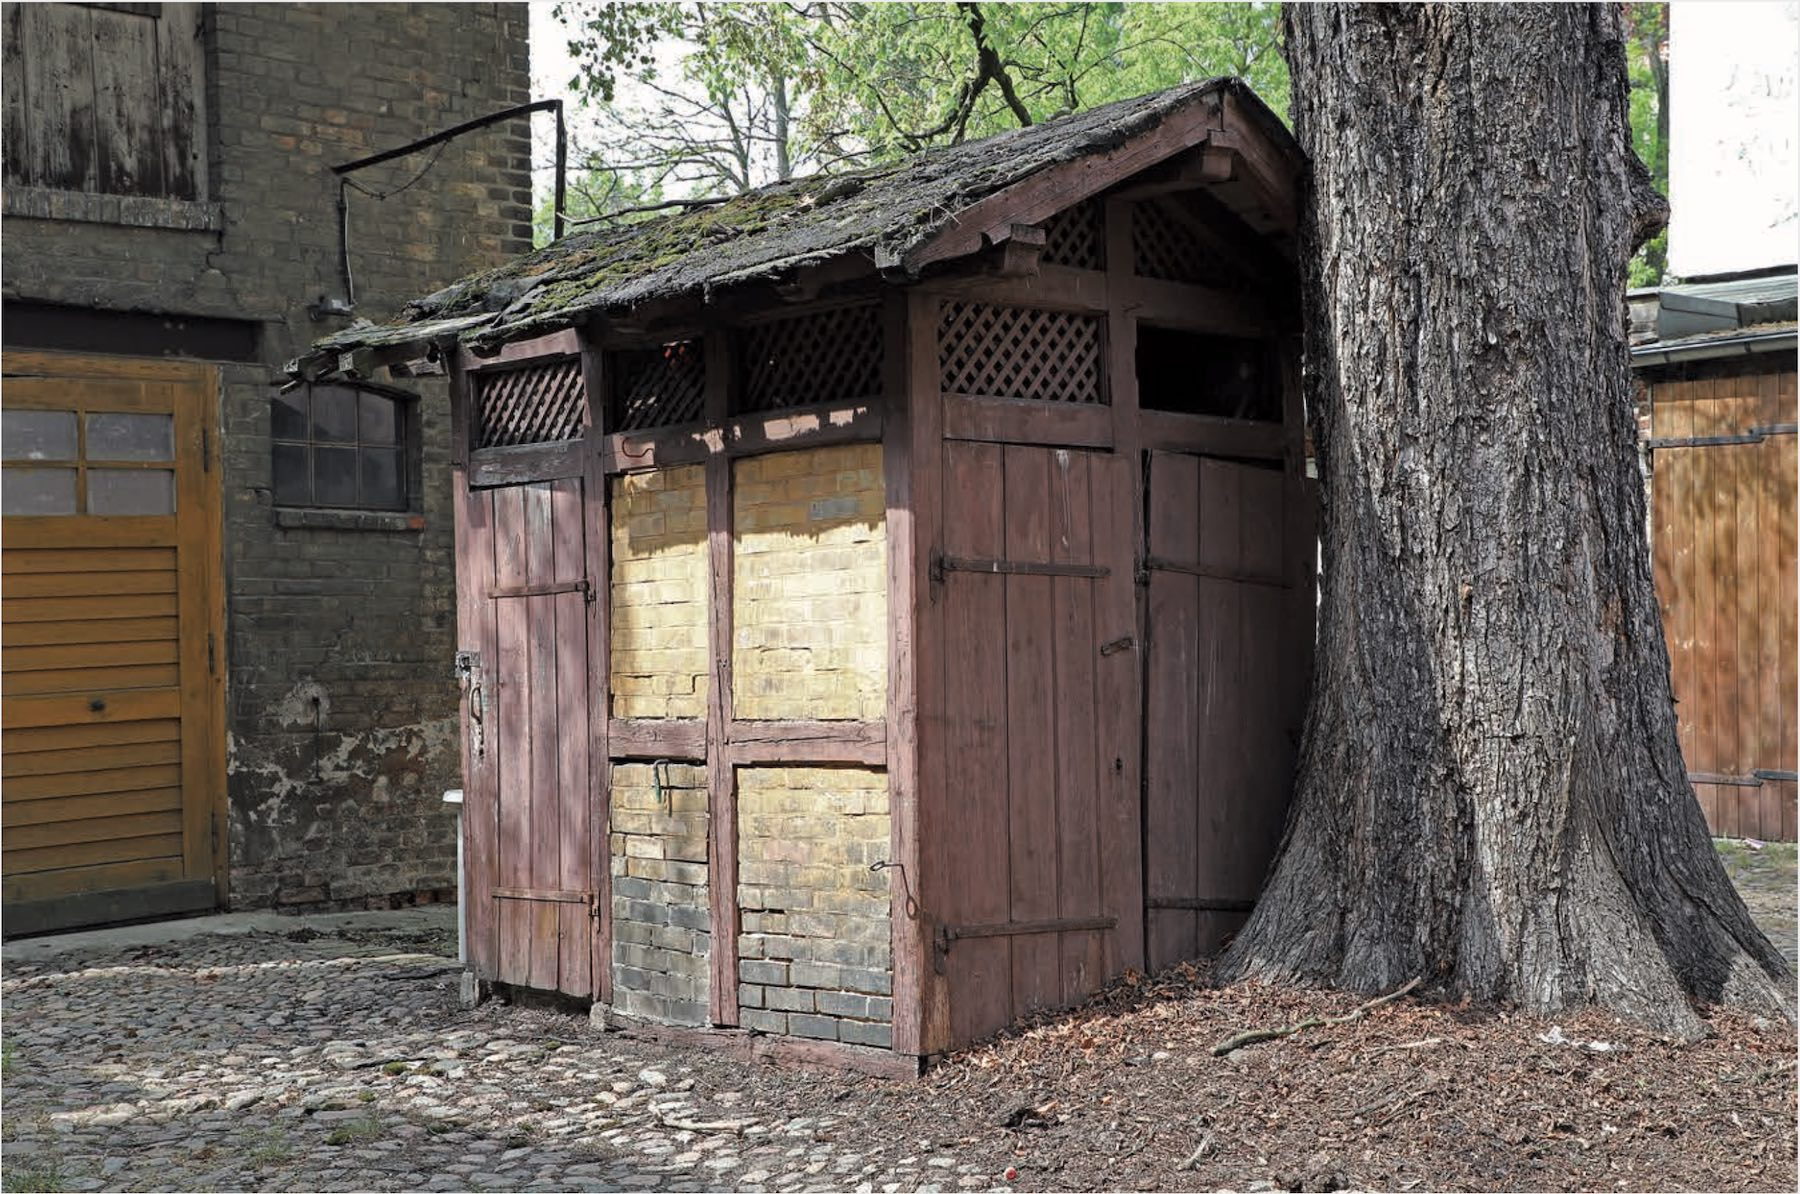 Auf einem gepflasterten Hof steht ein baufälliges Häuschen mit Fachwerk und Holztüren dicht an einem dicken Baumstamm